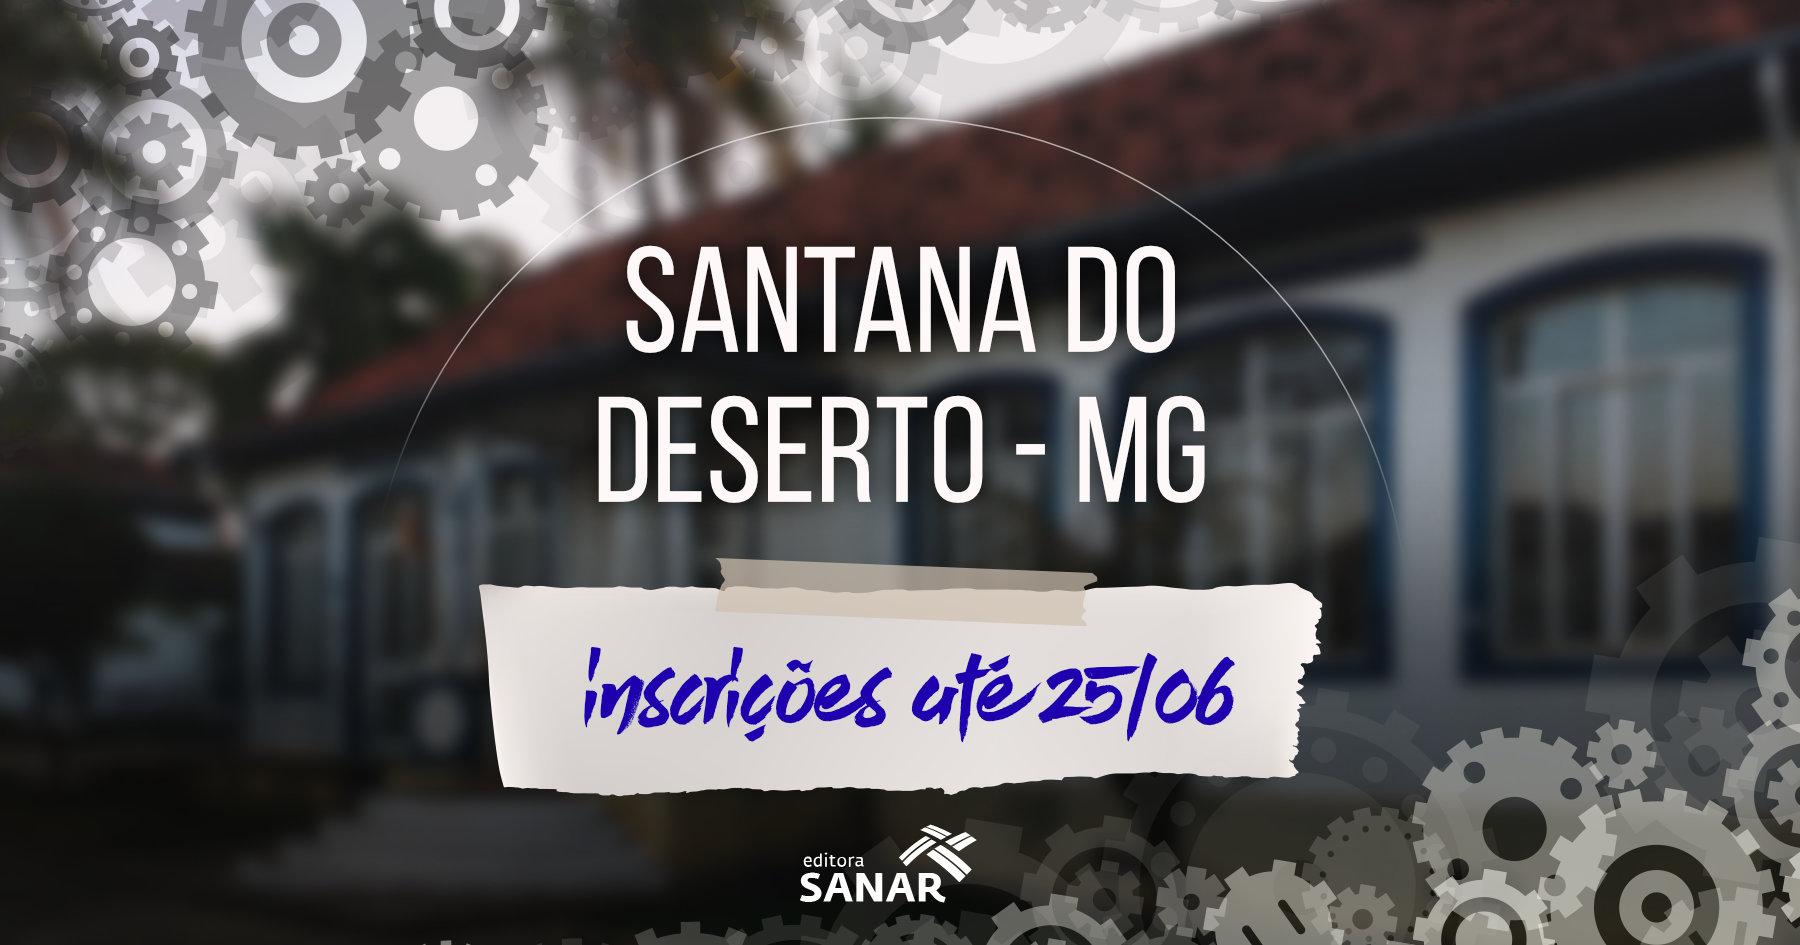 Seleção  Prefeitura de Santana do Deserto (MG) procura enfermeiro